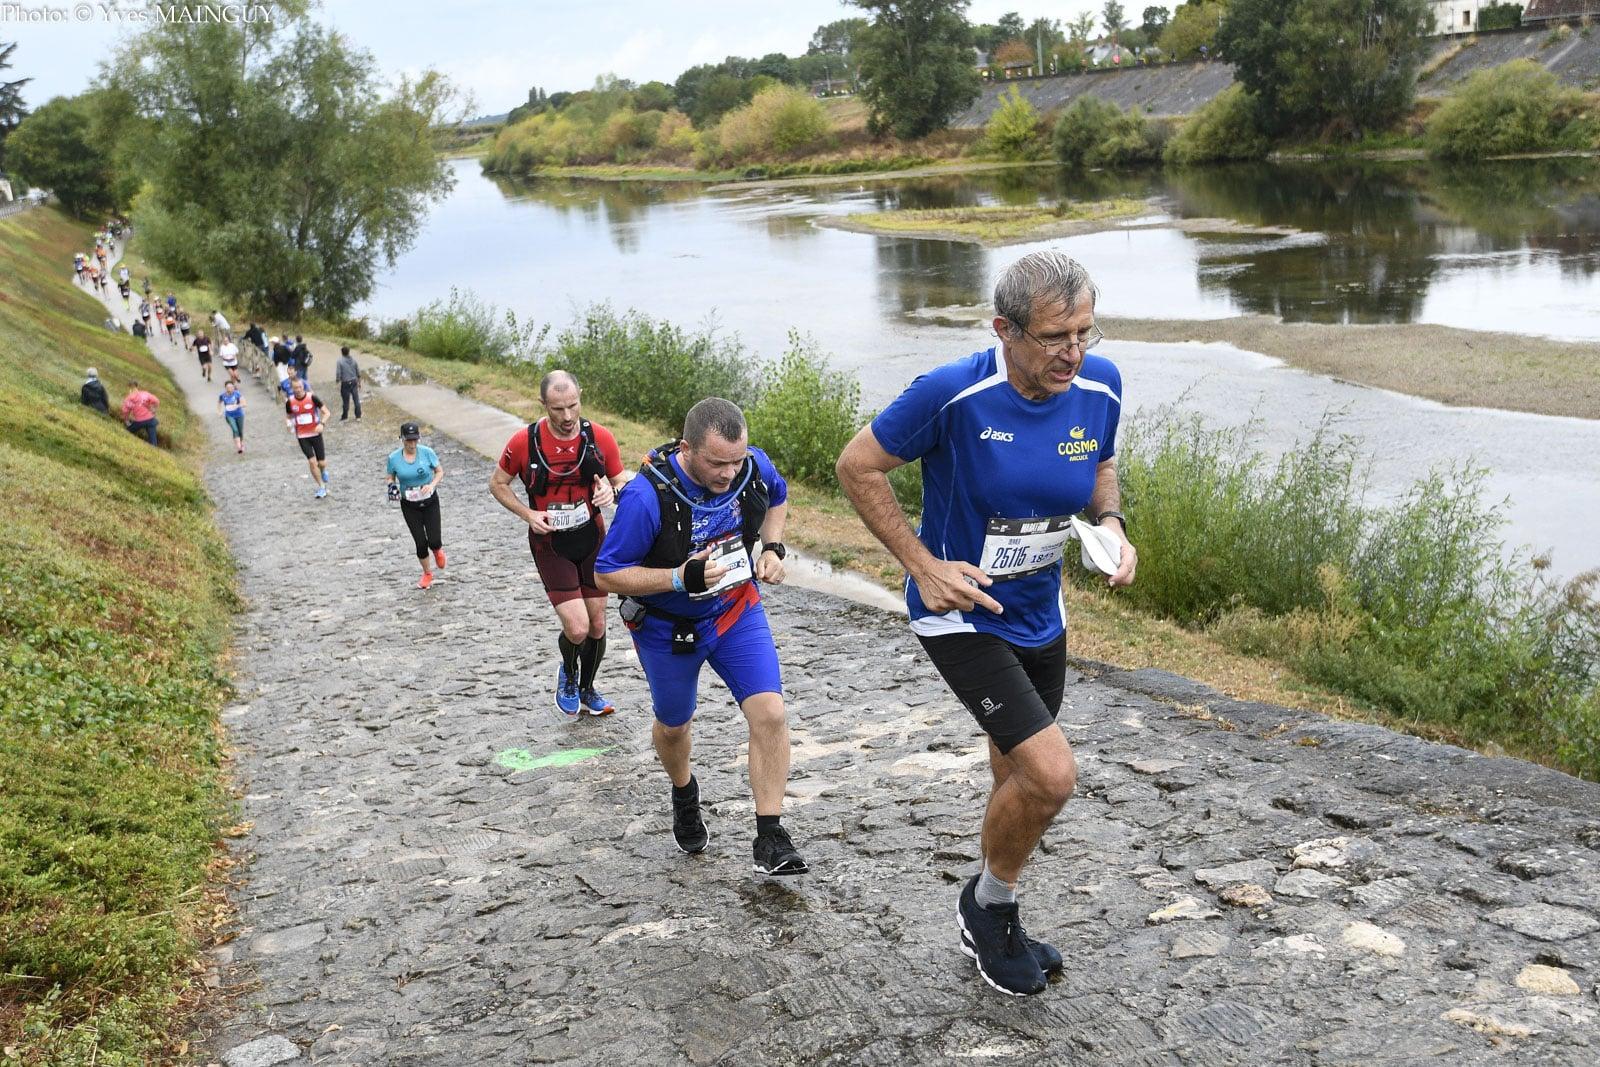 Marathon de Tours : un nouveau parcours pour l'édition 2021